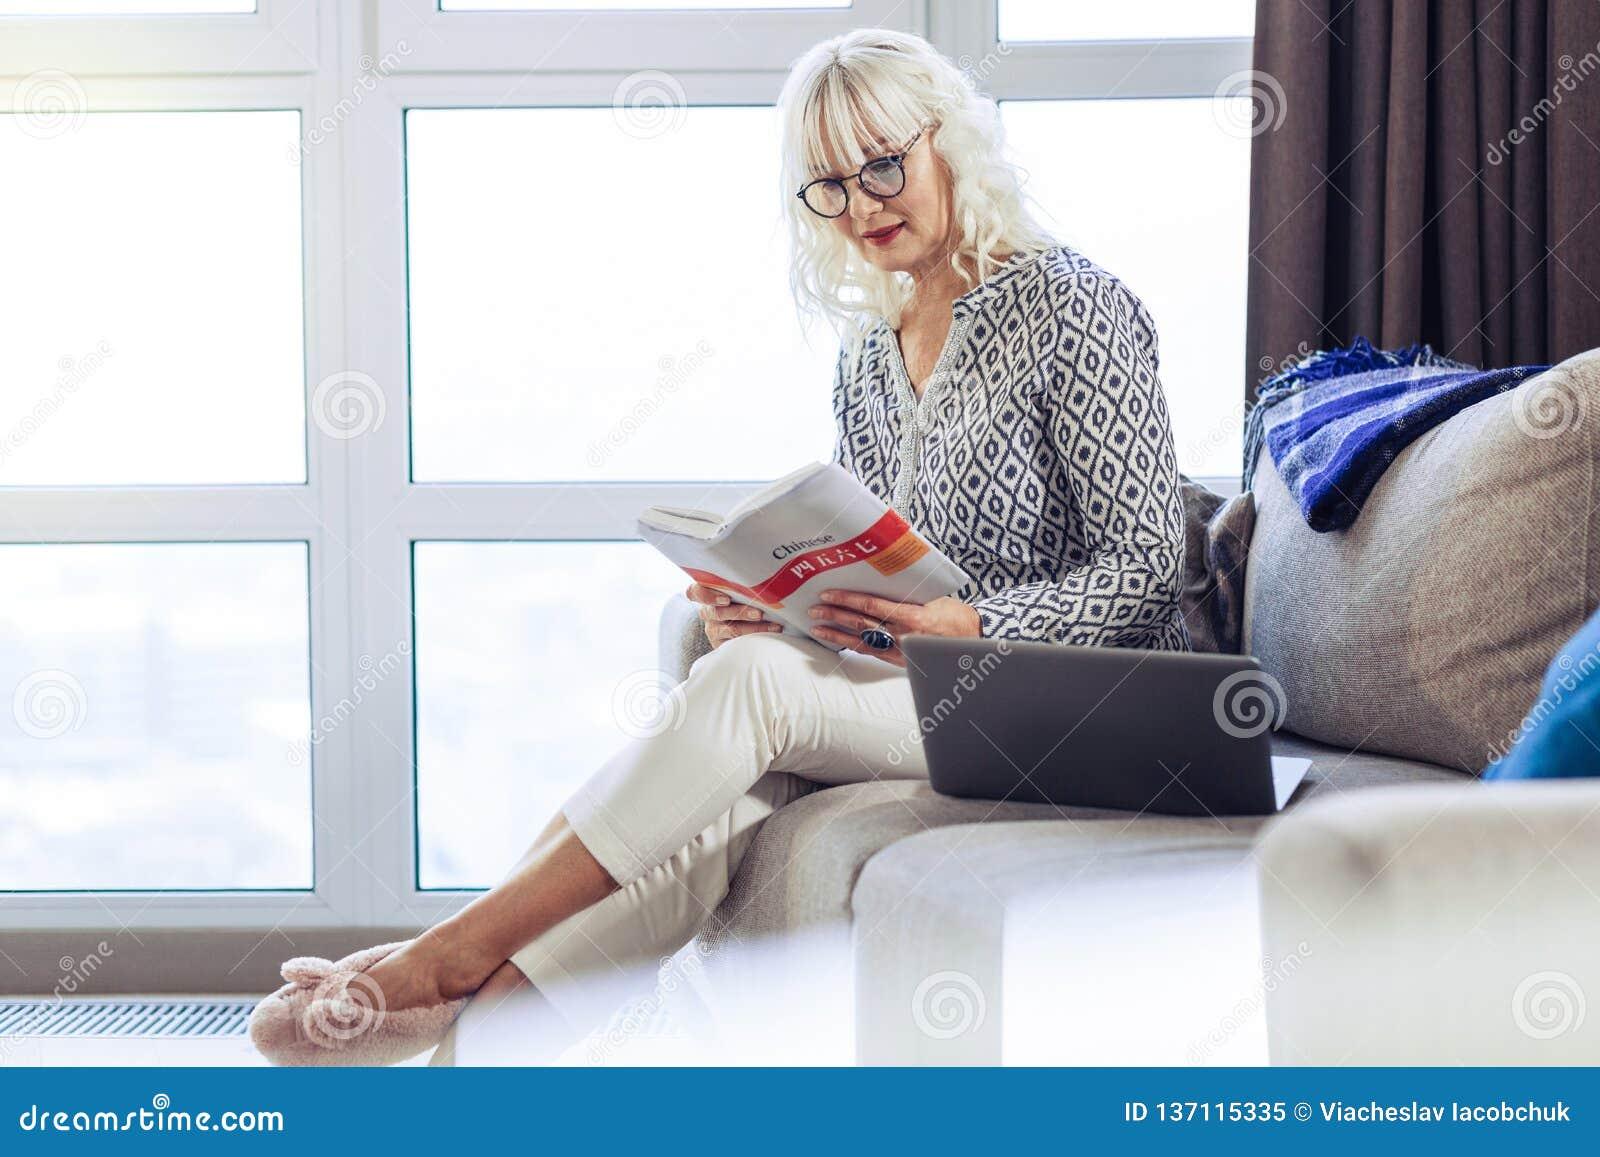 Gentille femme blonde lisant un livre intéressant